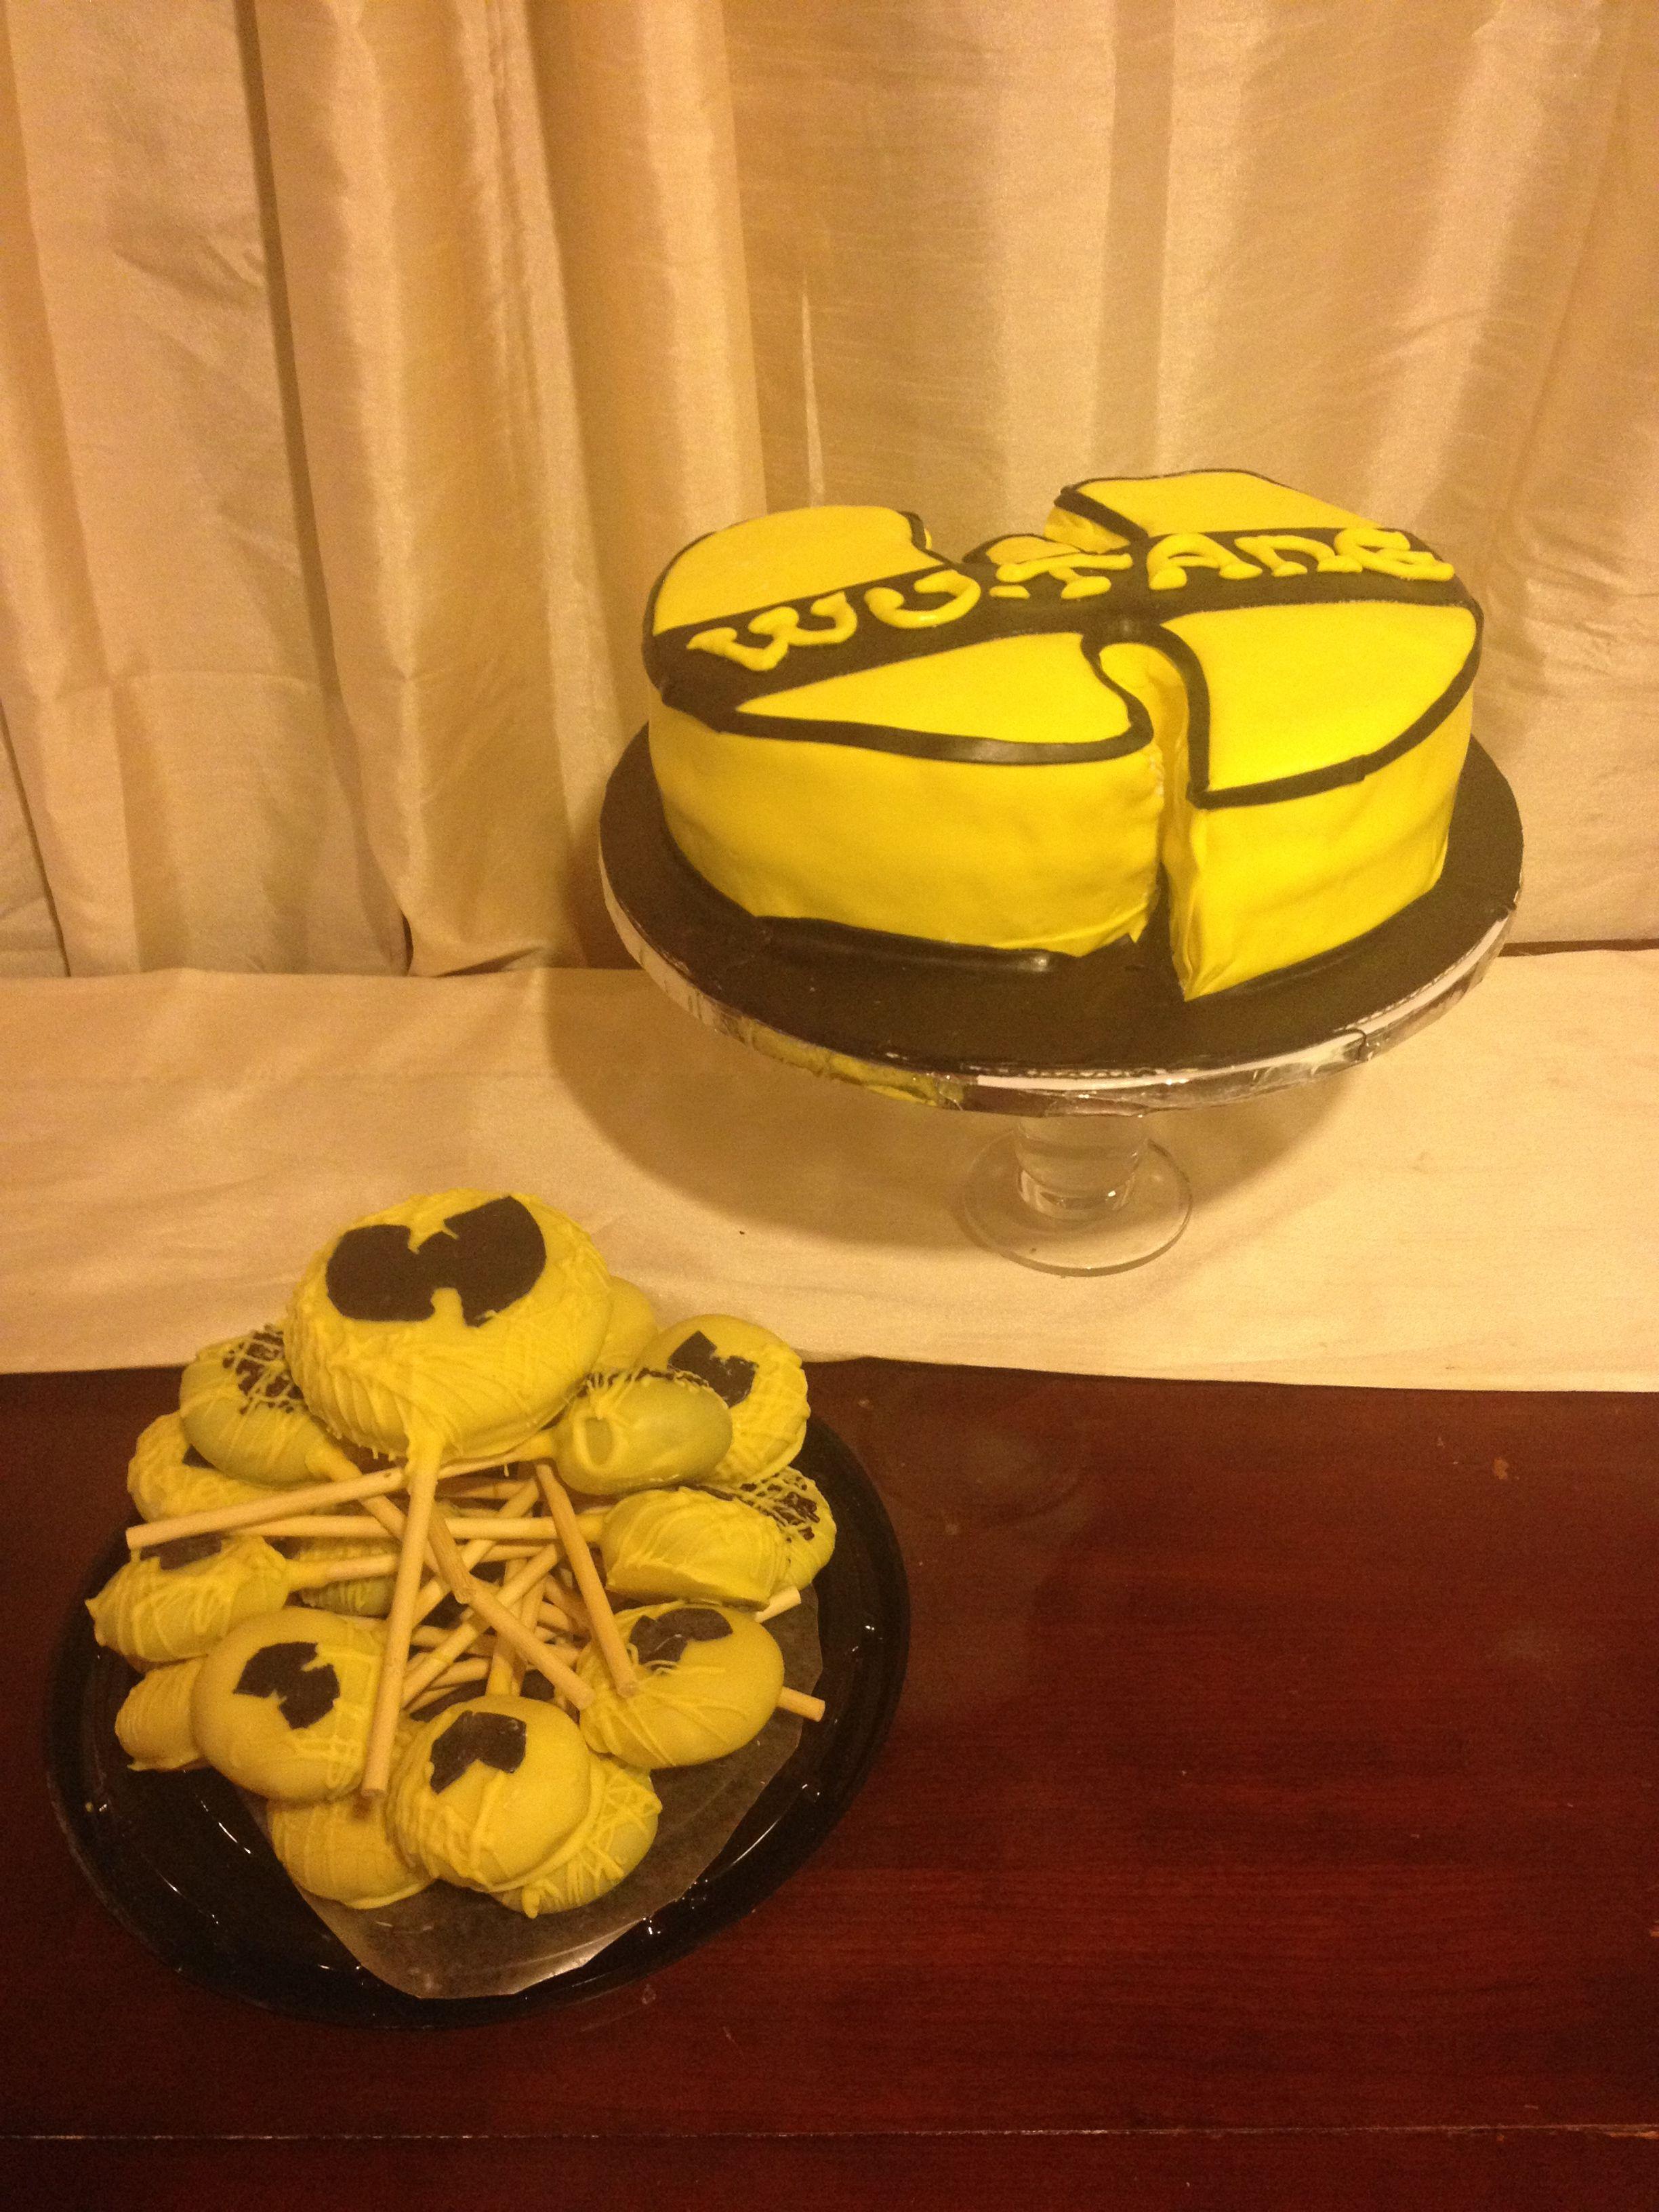 Wu tang clan birthday cake cakepops itscakez pinterest wu wu tang clan birthday cake cakepops pooptronica